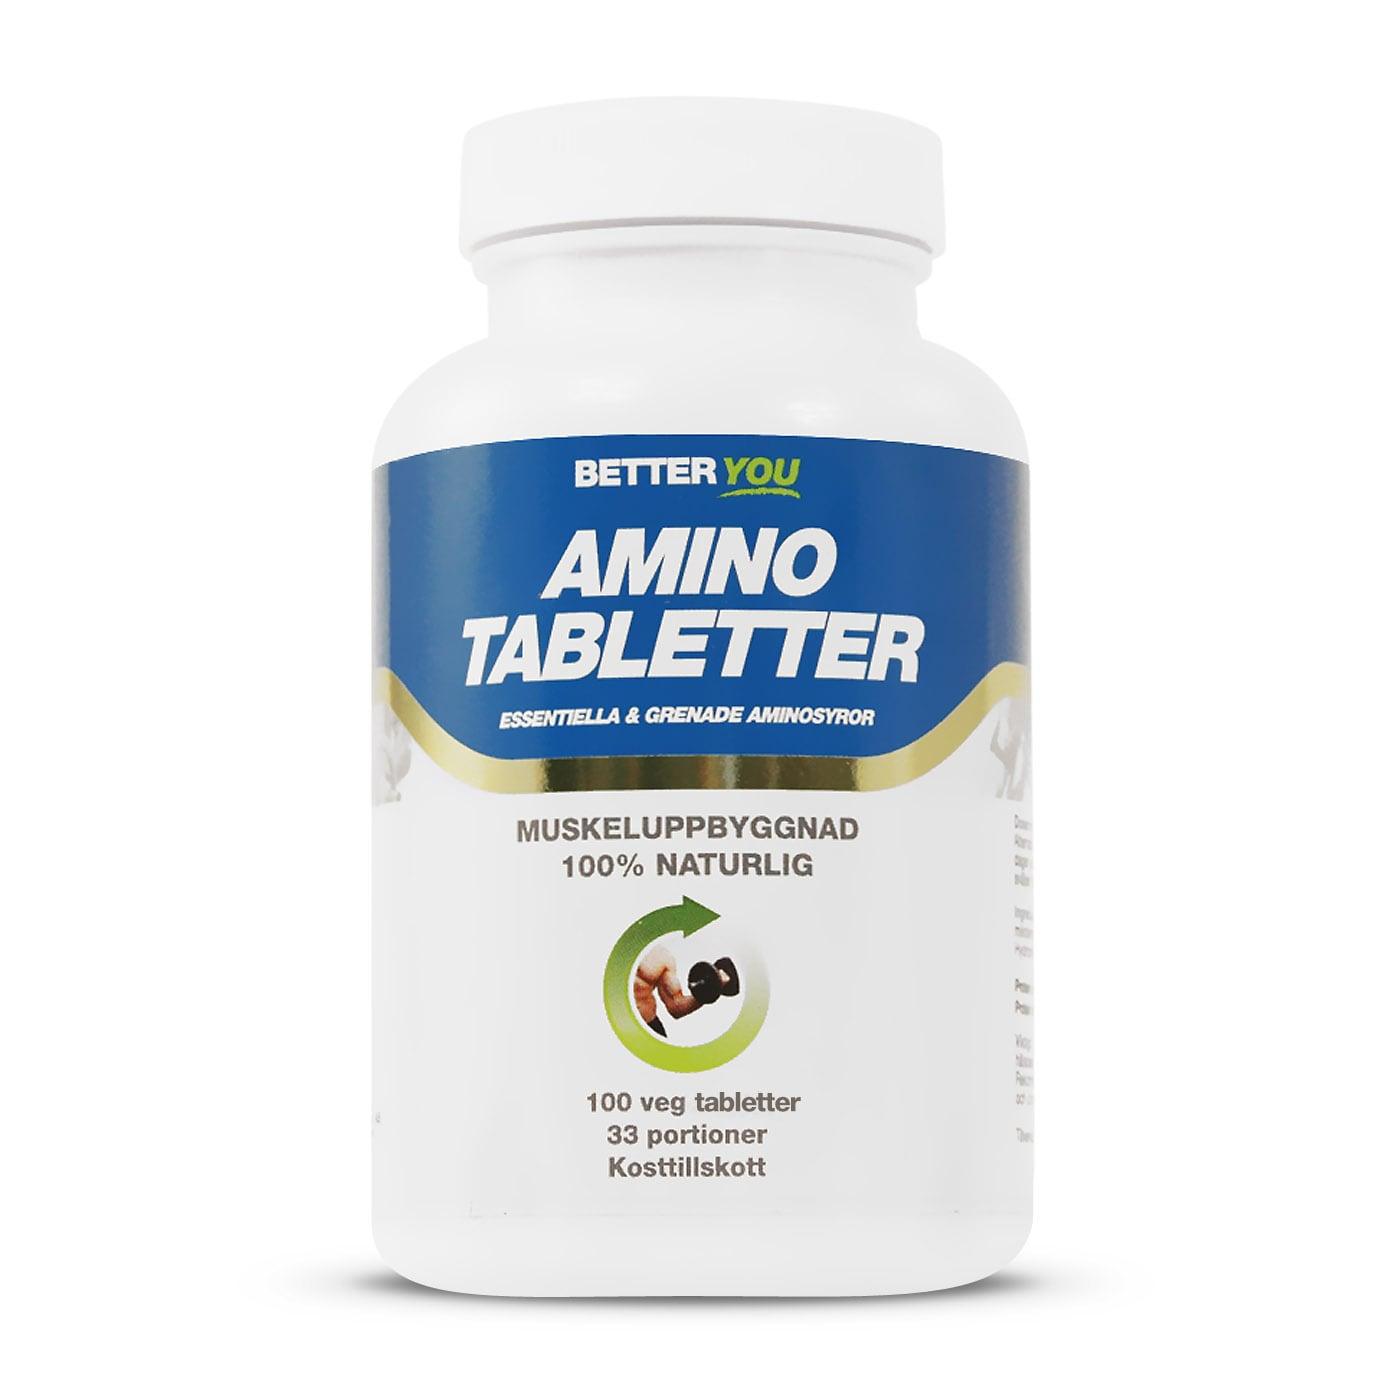 Aminotabletter